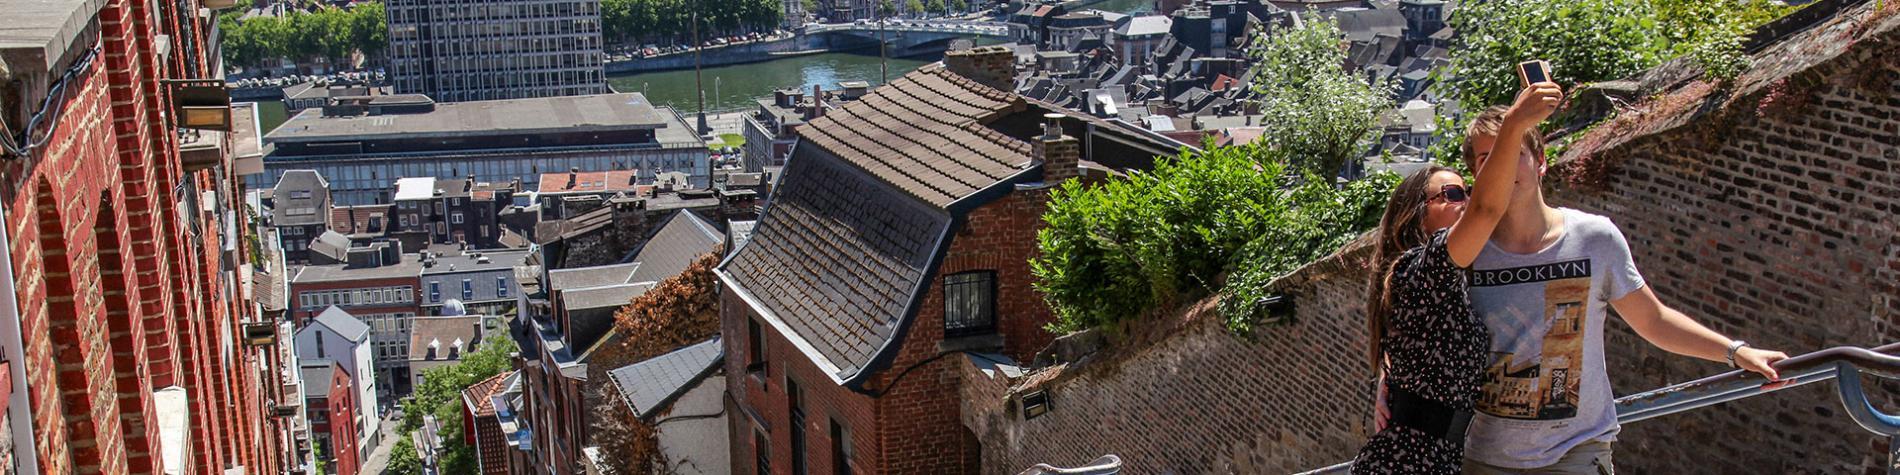 Un couple au somme de l'escalier de la montagne de Bueren, un lieu emblématique de la ville de Liège.